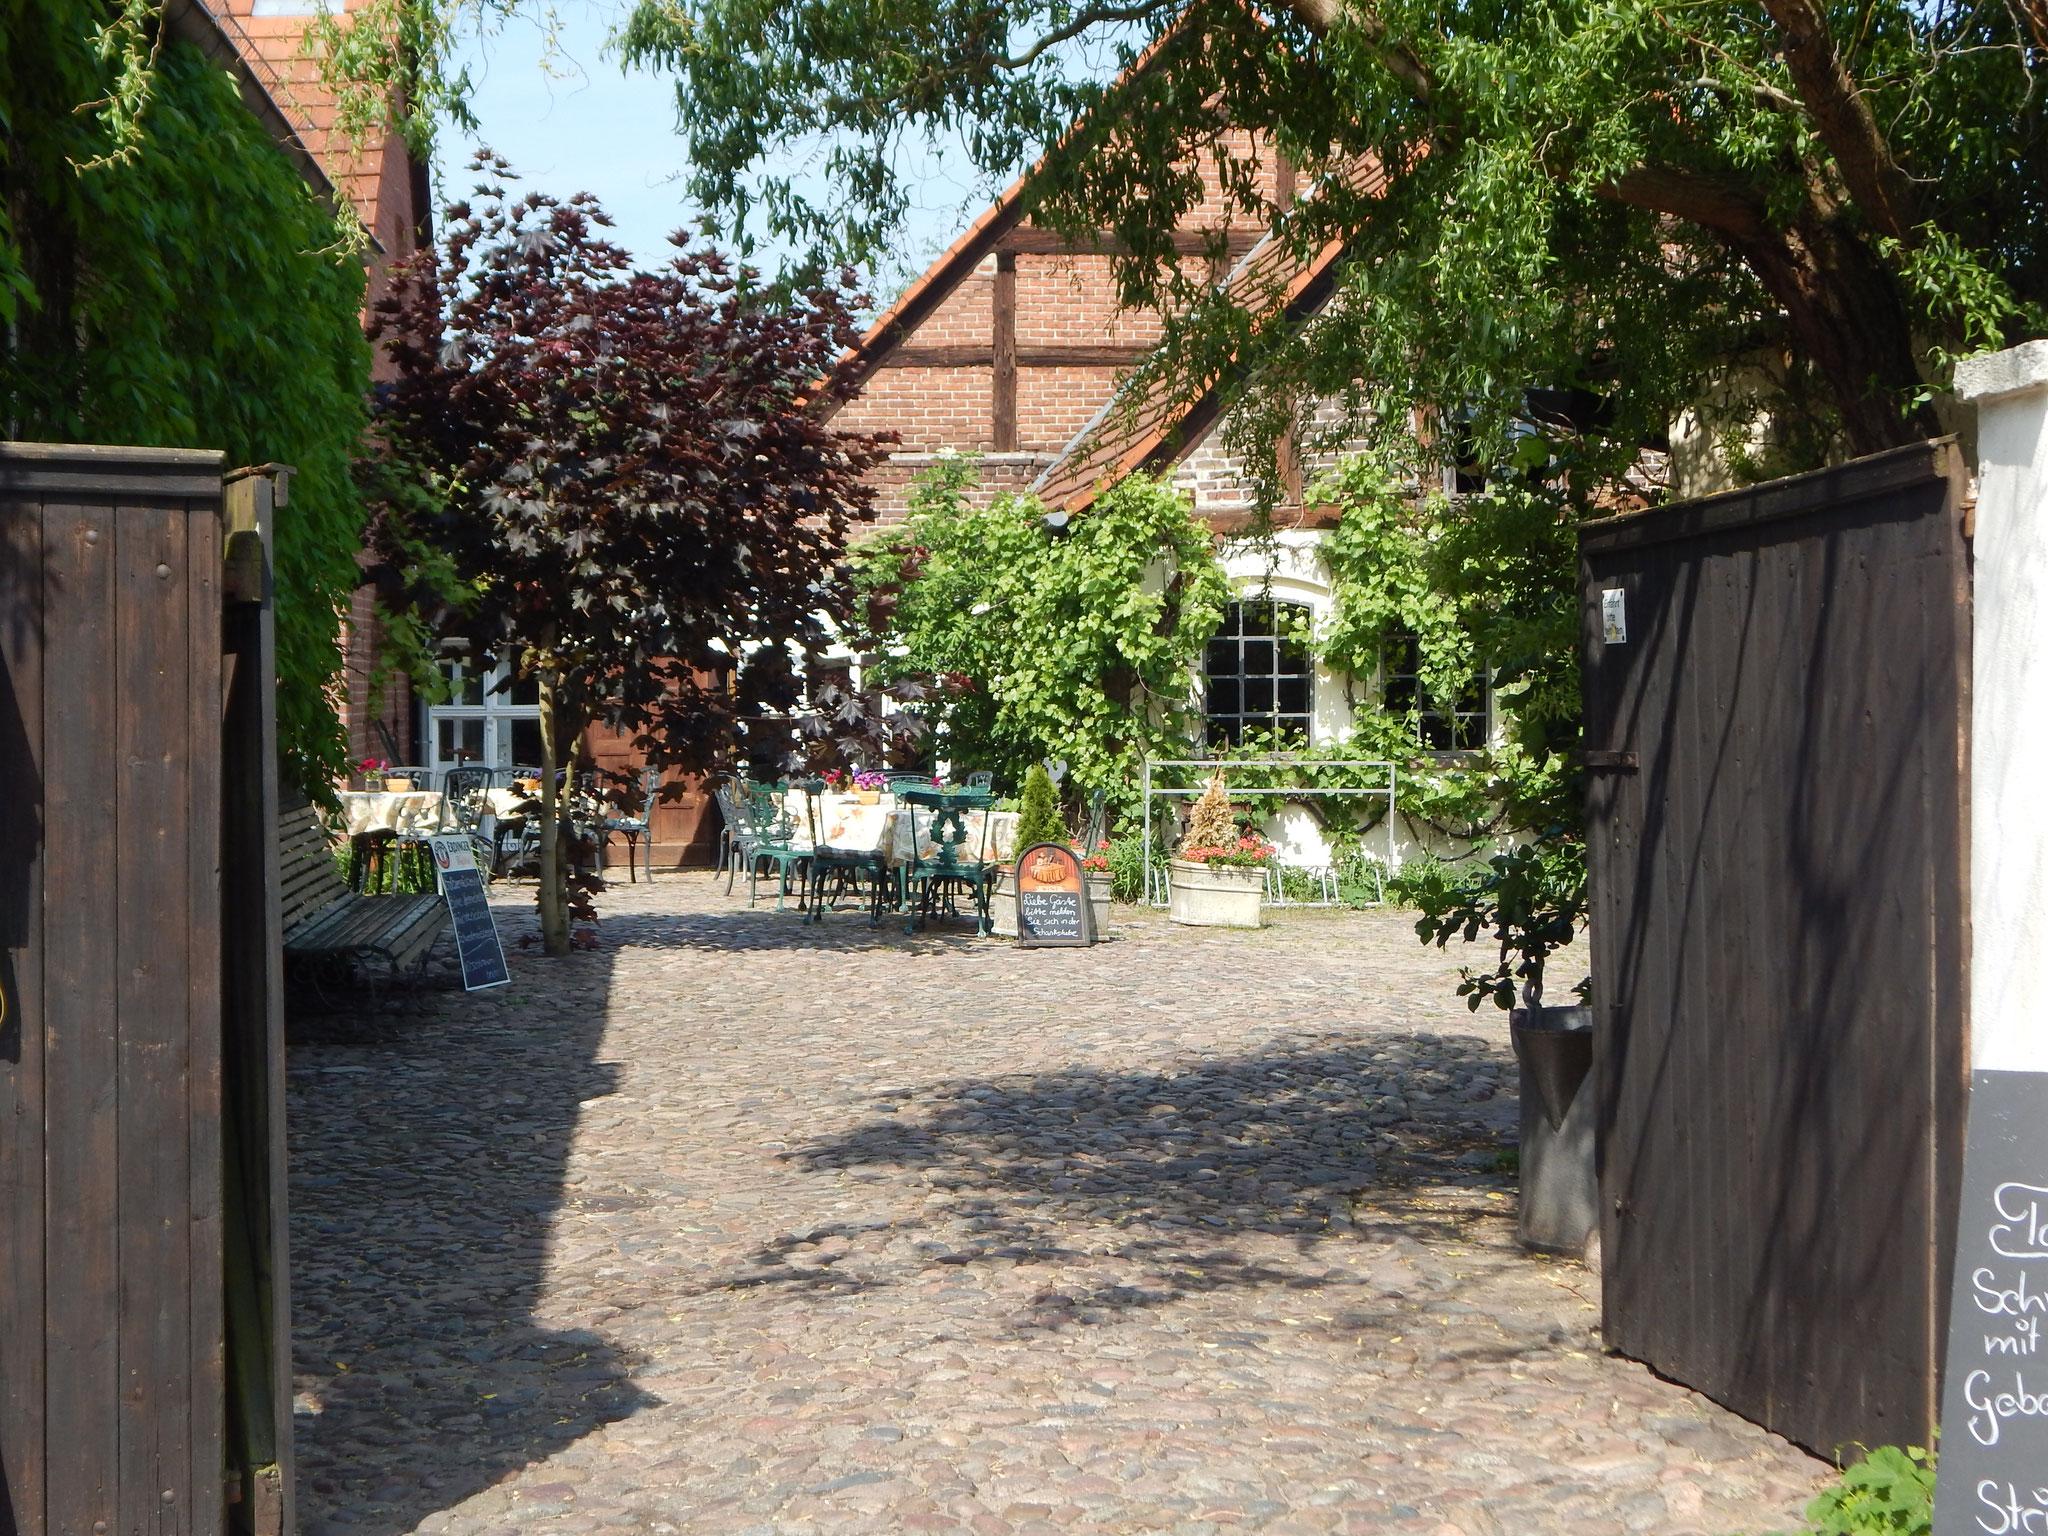 Eingang zur Idyllisch gelegenen Hofterrasse vom Hotel Alte Försterei Kloster Zinna